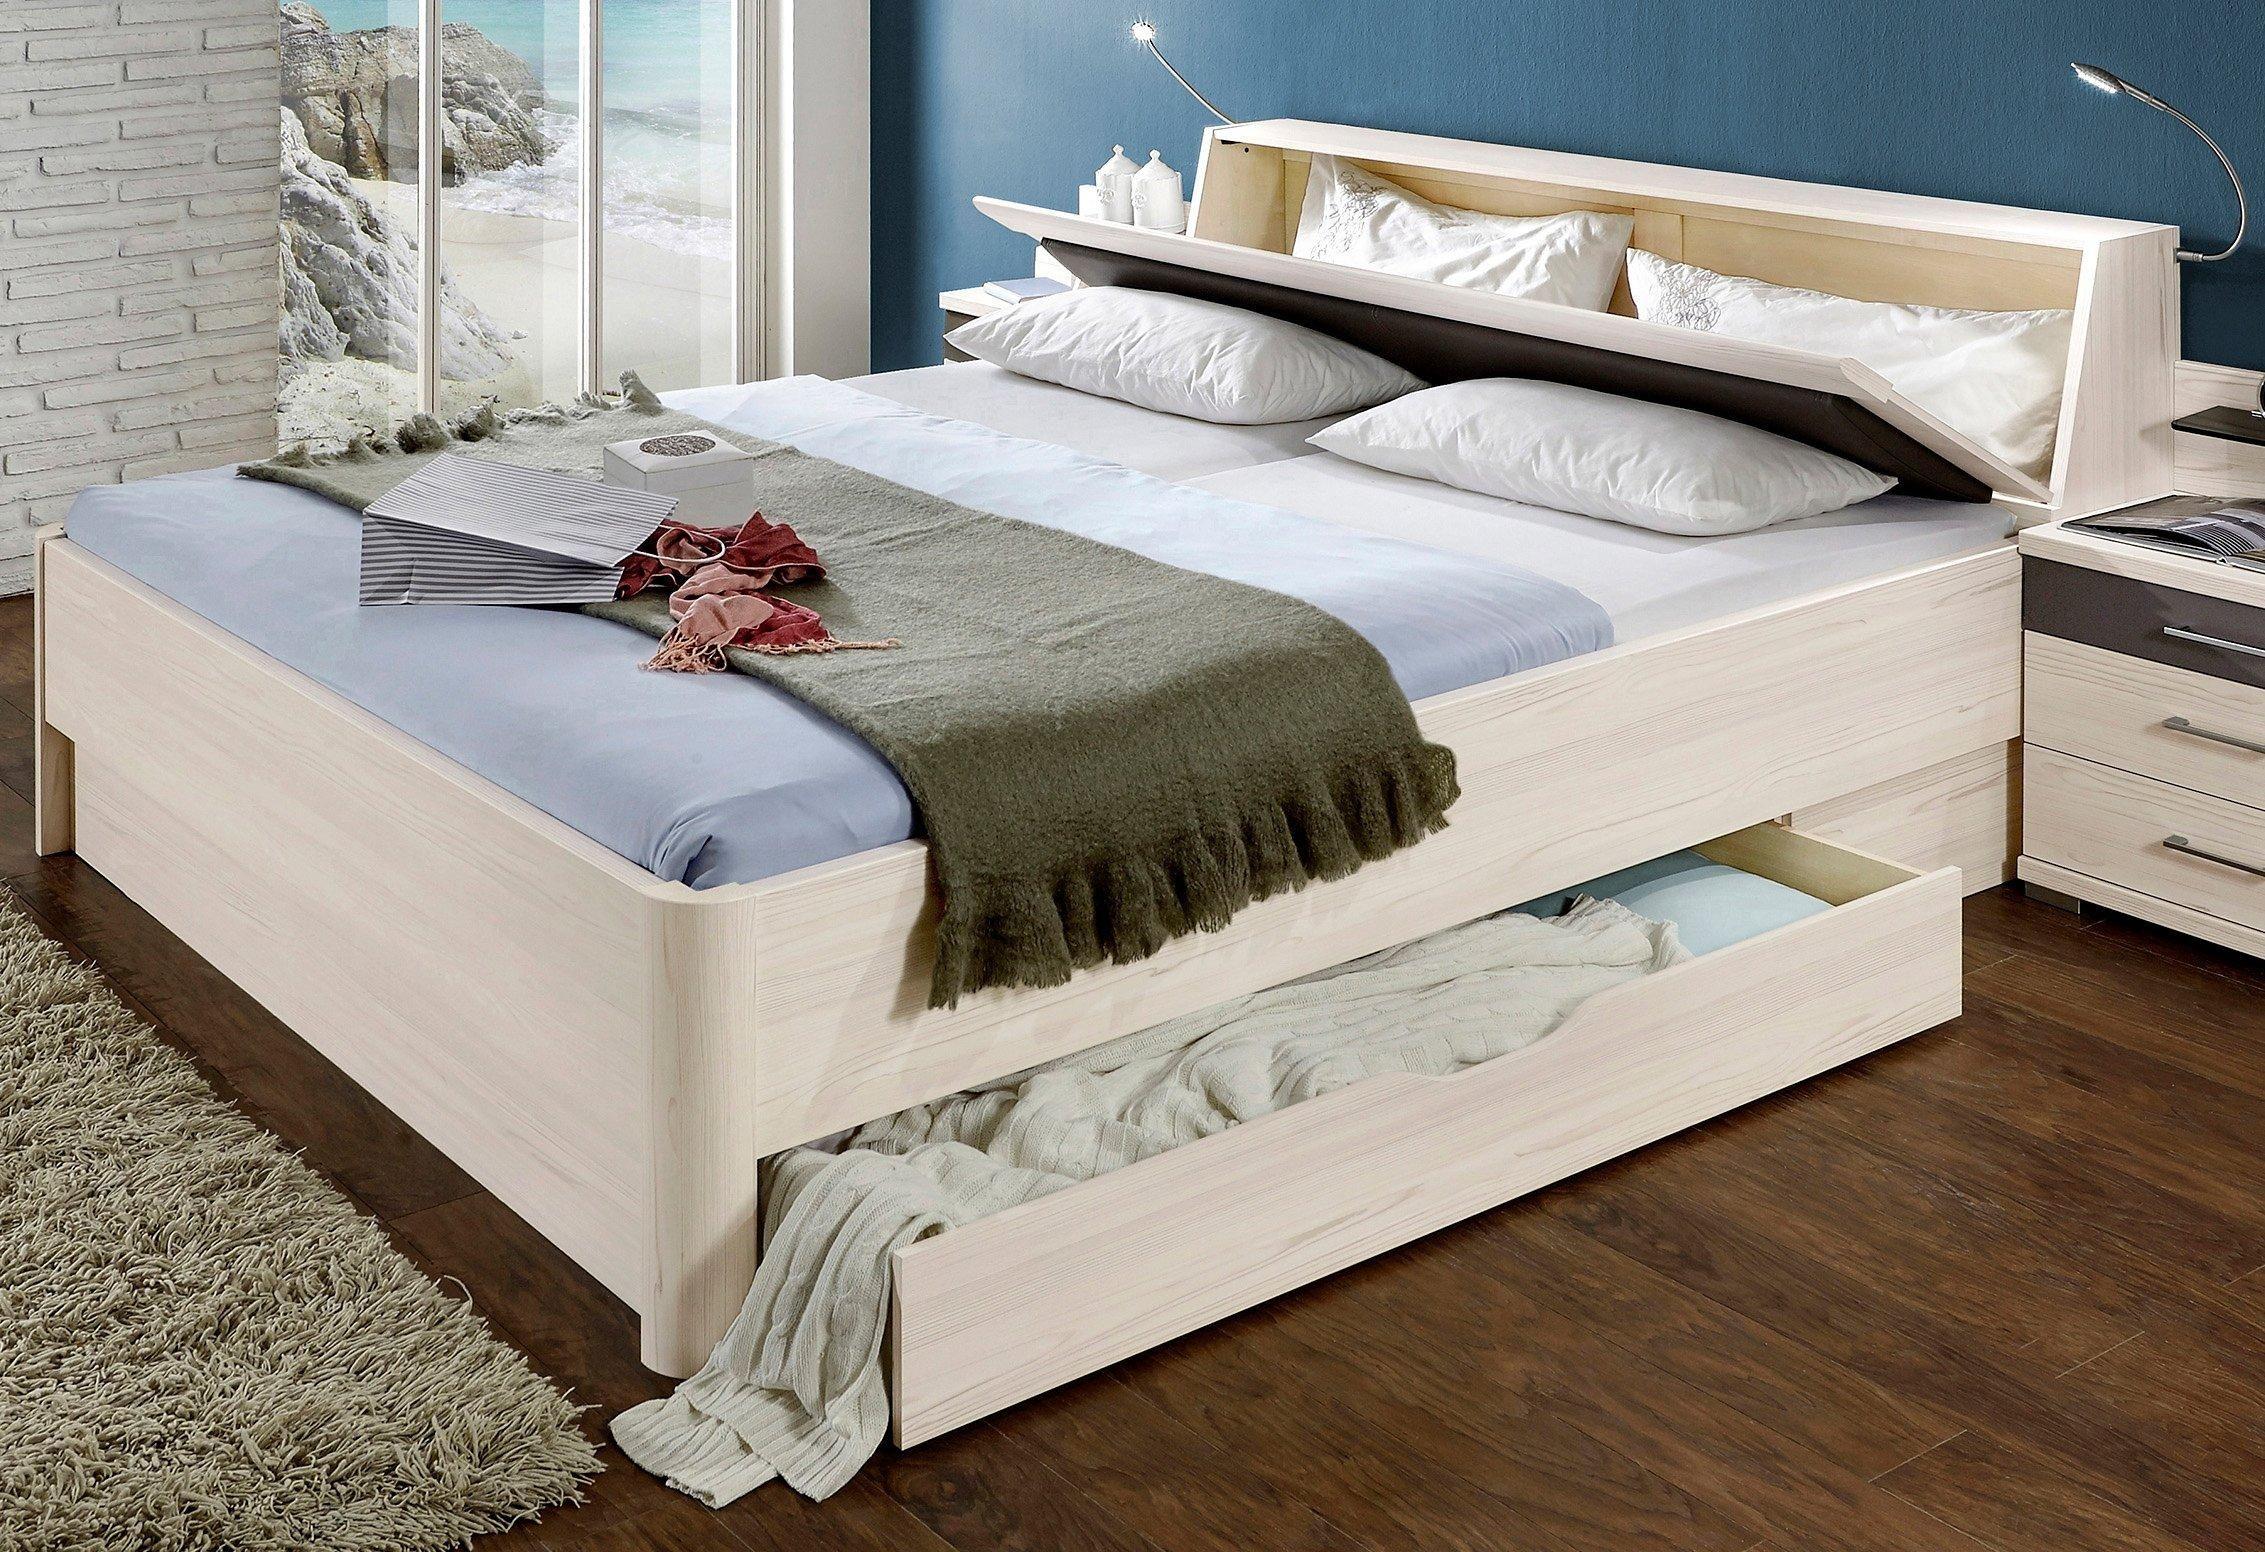 Traumhaftes Schlafzimmer Dekor Polarlarche Und Havannafb